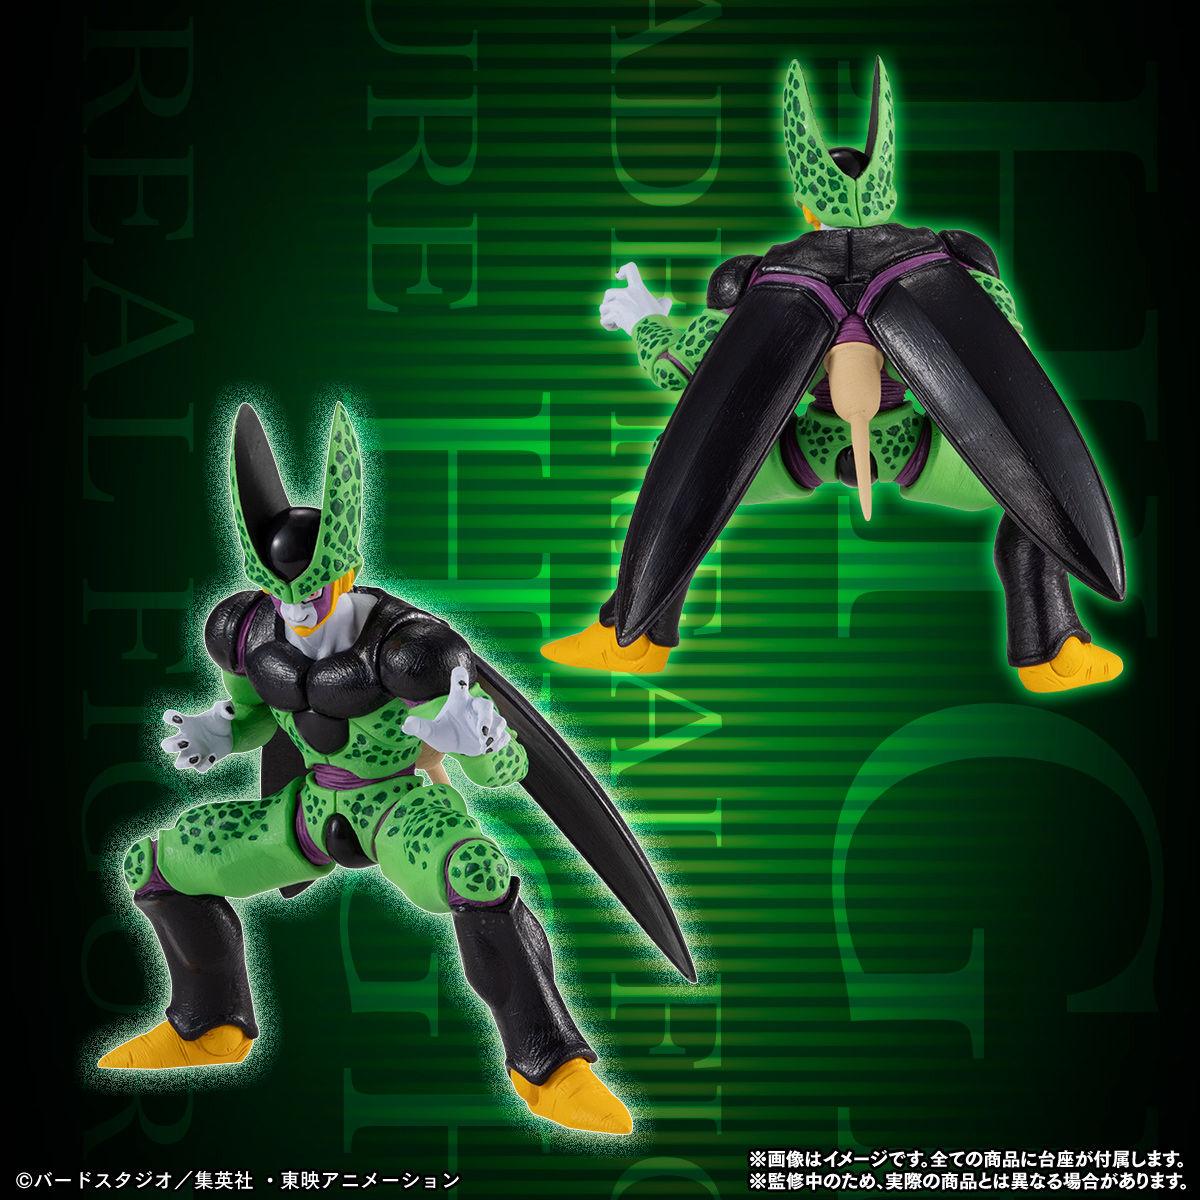 【限定販売】HGシリーズ『HG ドラゴンボール セル完全セット』全8種-005